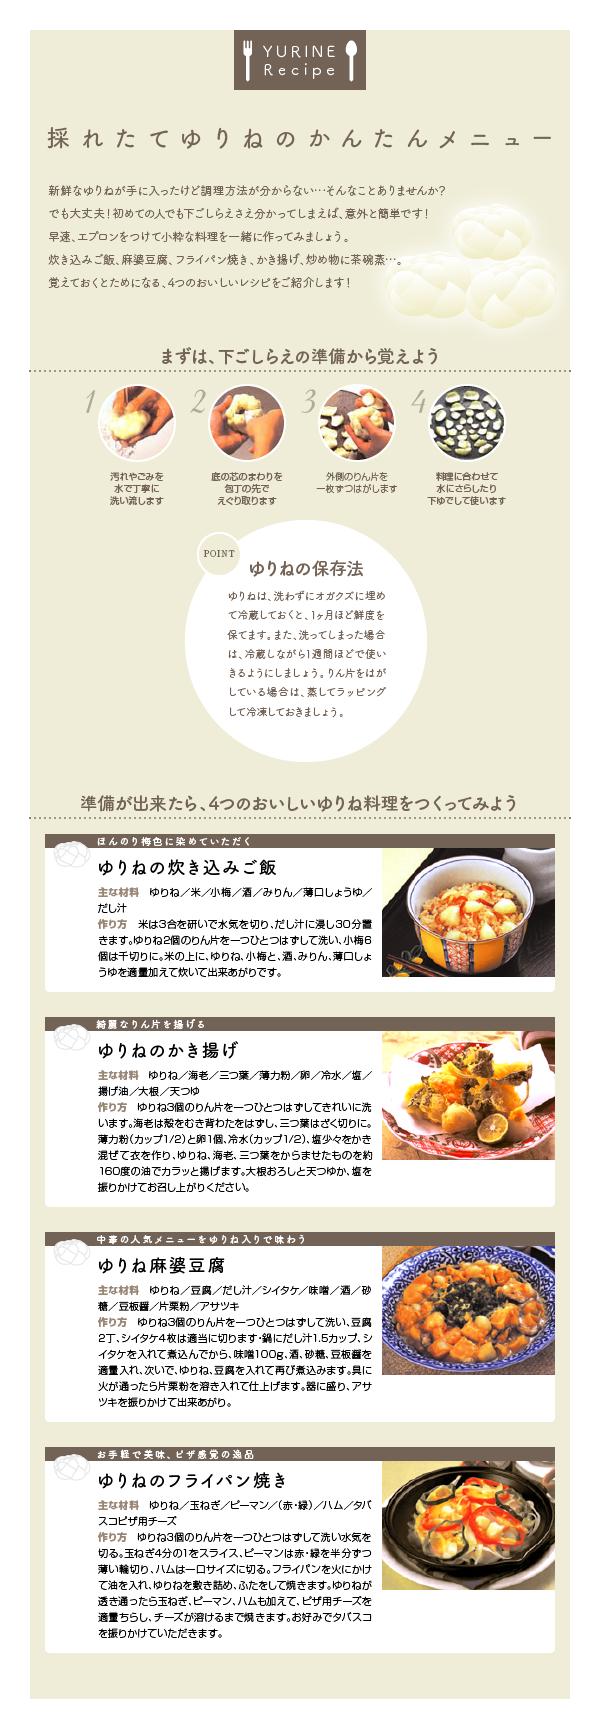 採れたてゆりねの簡単レシピ。ゆりねの保存法から、炊き込みご飯・かき揚げ・麻婆豆腐・フライパン焼きの作り方を紹介しています。